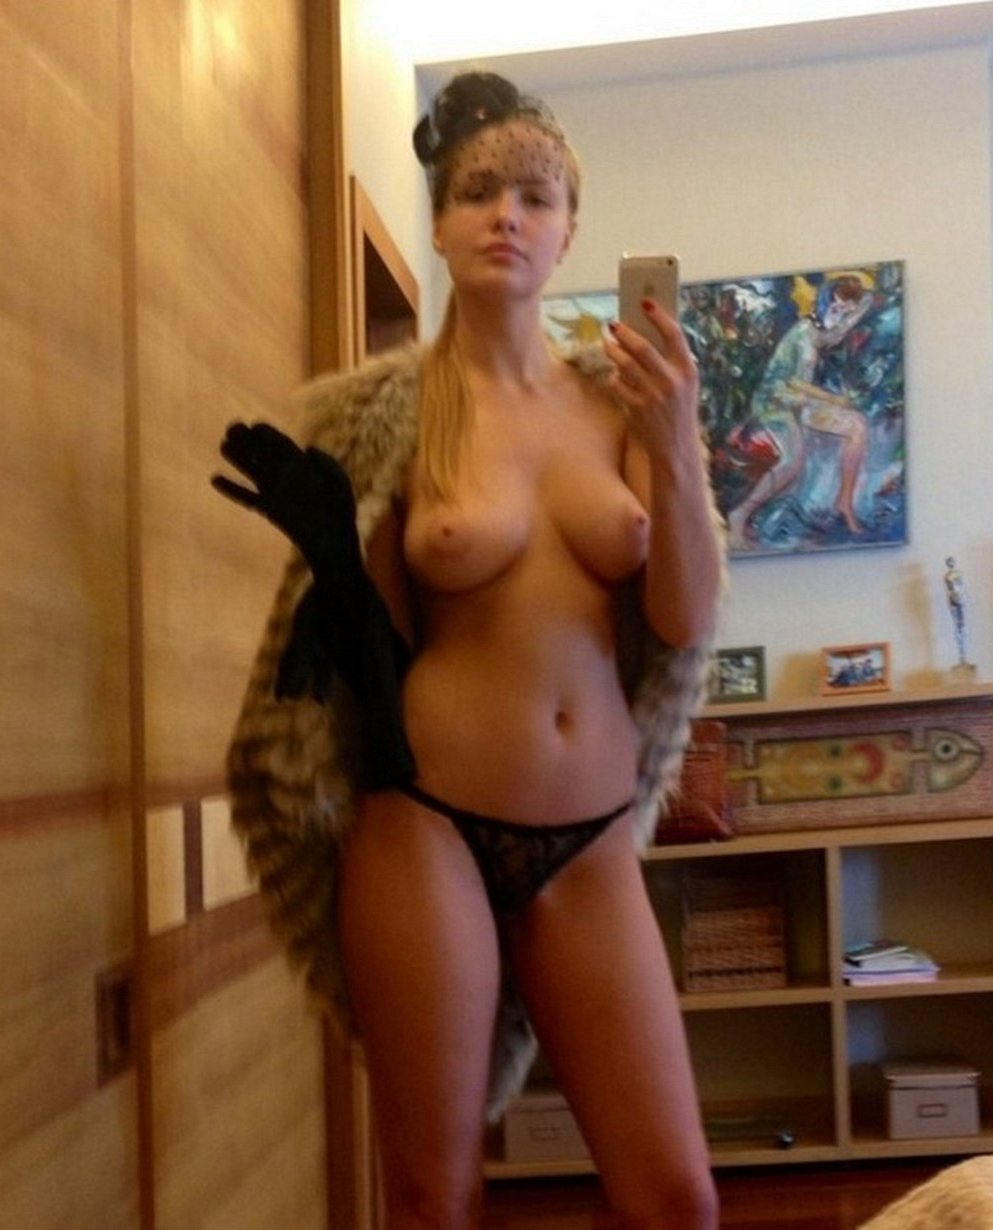 世界屈指の美女大国ロシアでSNSにアップされる自撮り画像ぐぅシコワロタwwwwwwwwwwwwwwwwwww(※画像あり)・19枚目